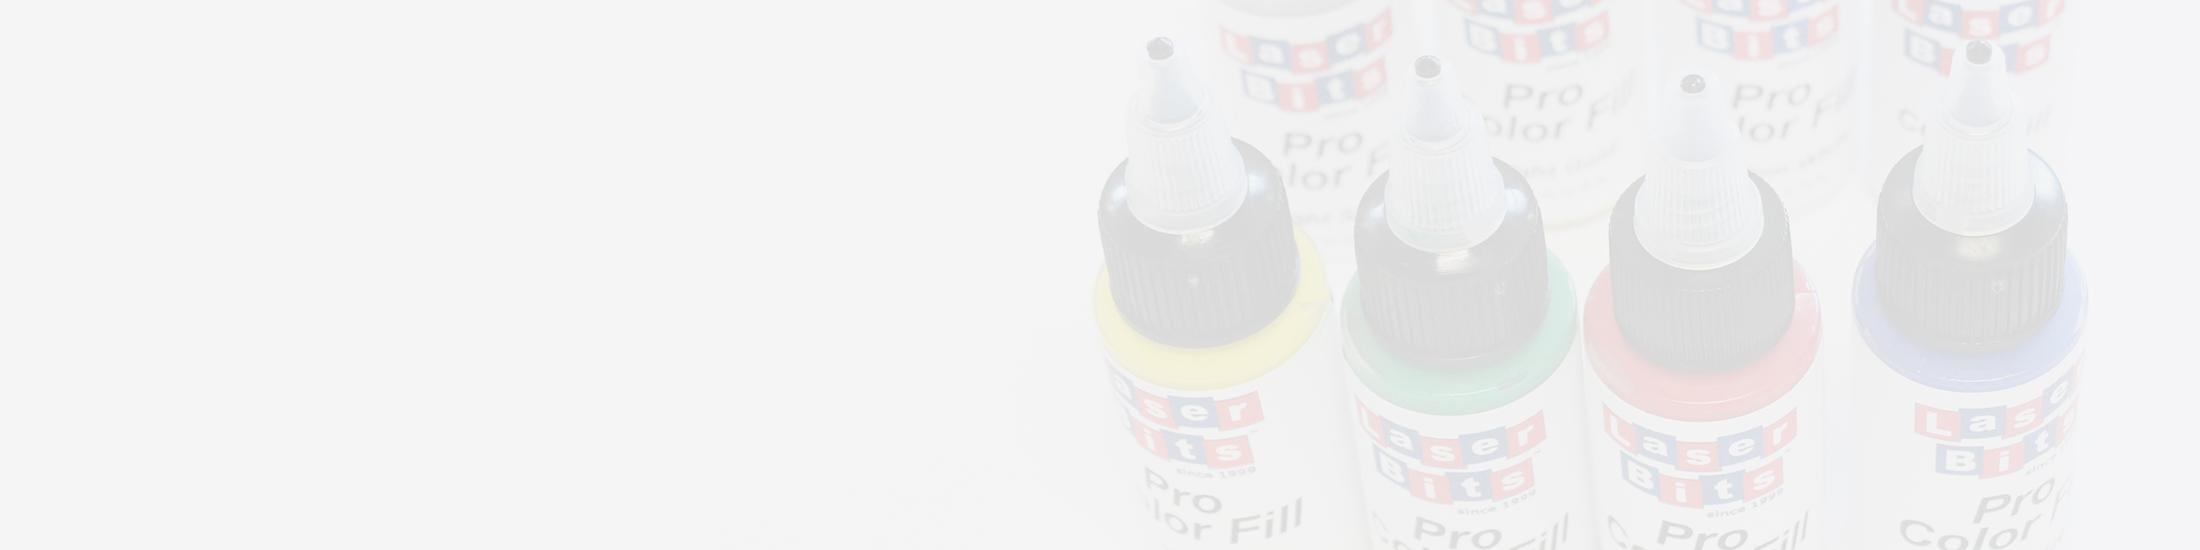 Acrylfarben Gravur einfärben